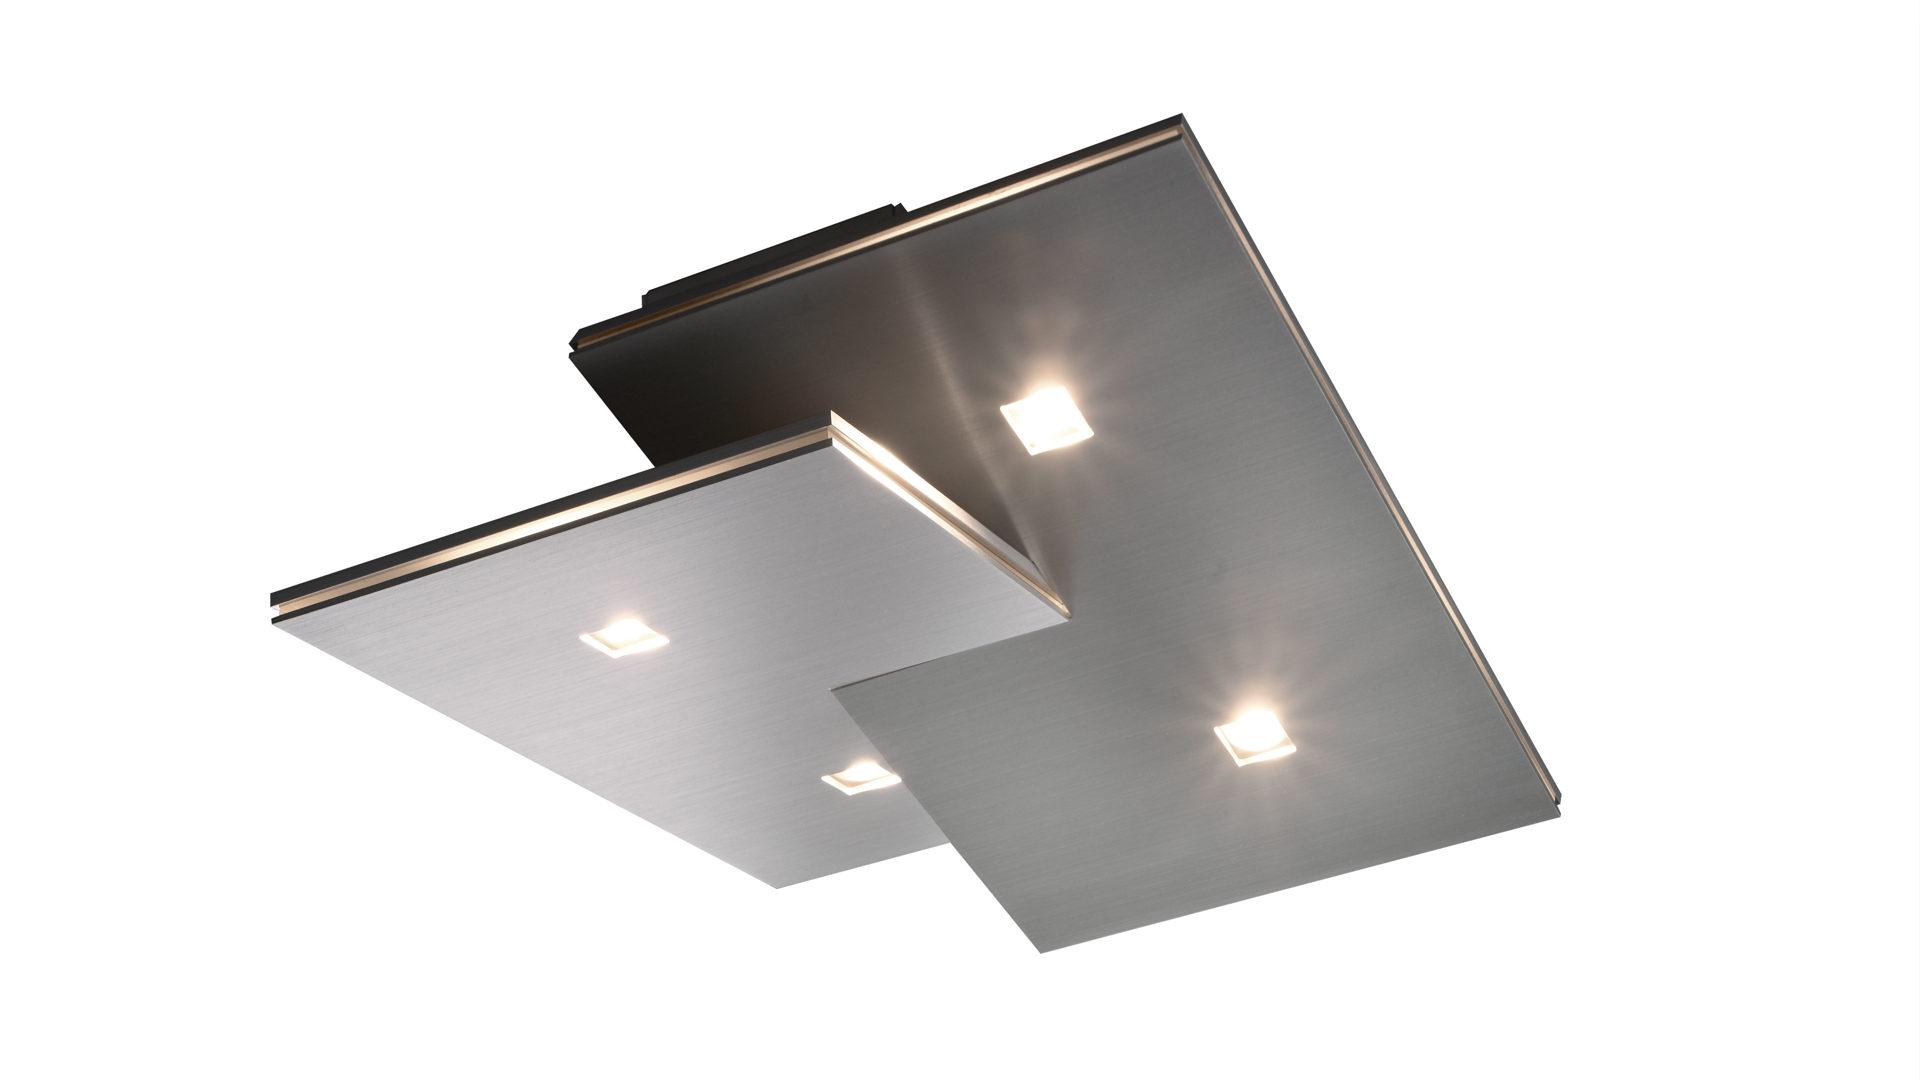 Leuchten Led Panel Decken Lampe Silber Wohn Zimmer Beleuchtung Flur Lampe Lange 120 Cm Business Industrie Attualebrasil Com Br